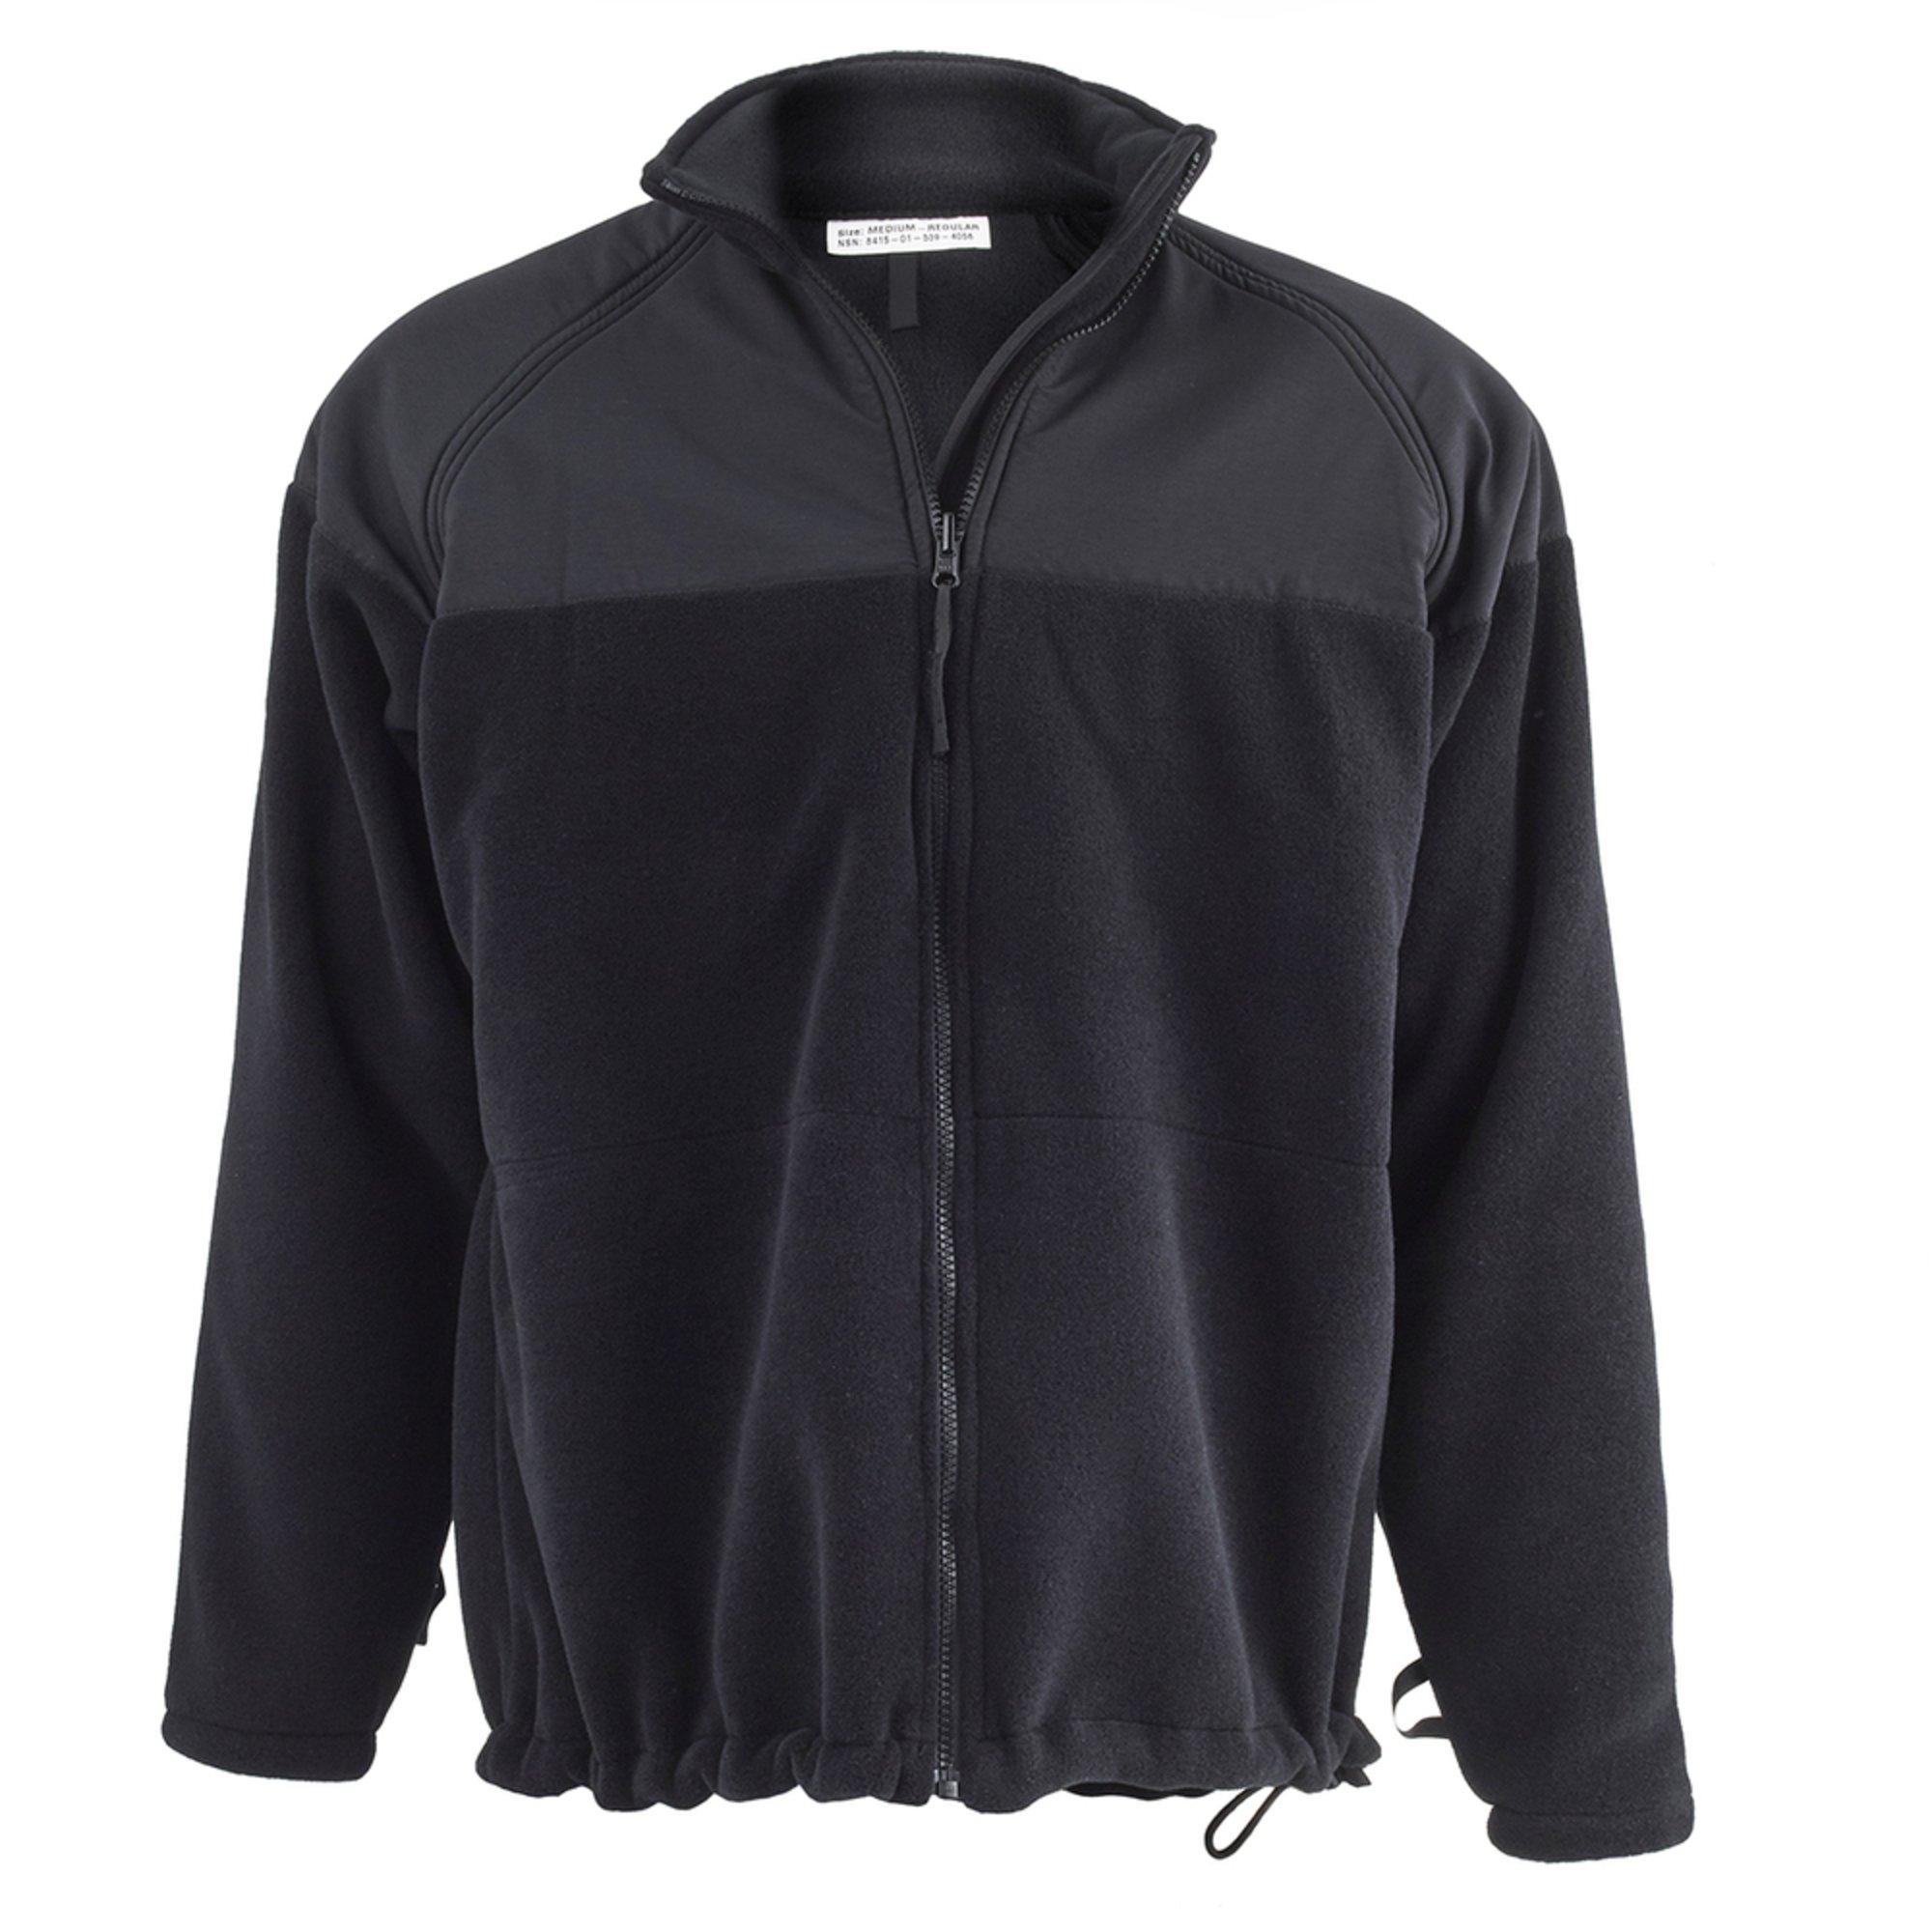 Navy Nwu Black Fleece Liner | Navy Working Uniform (nwu Iii